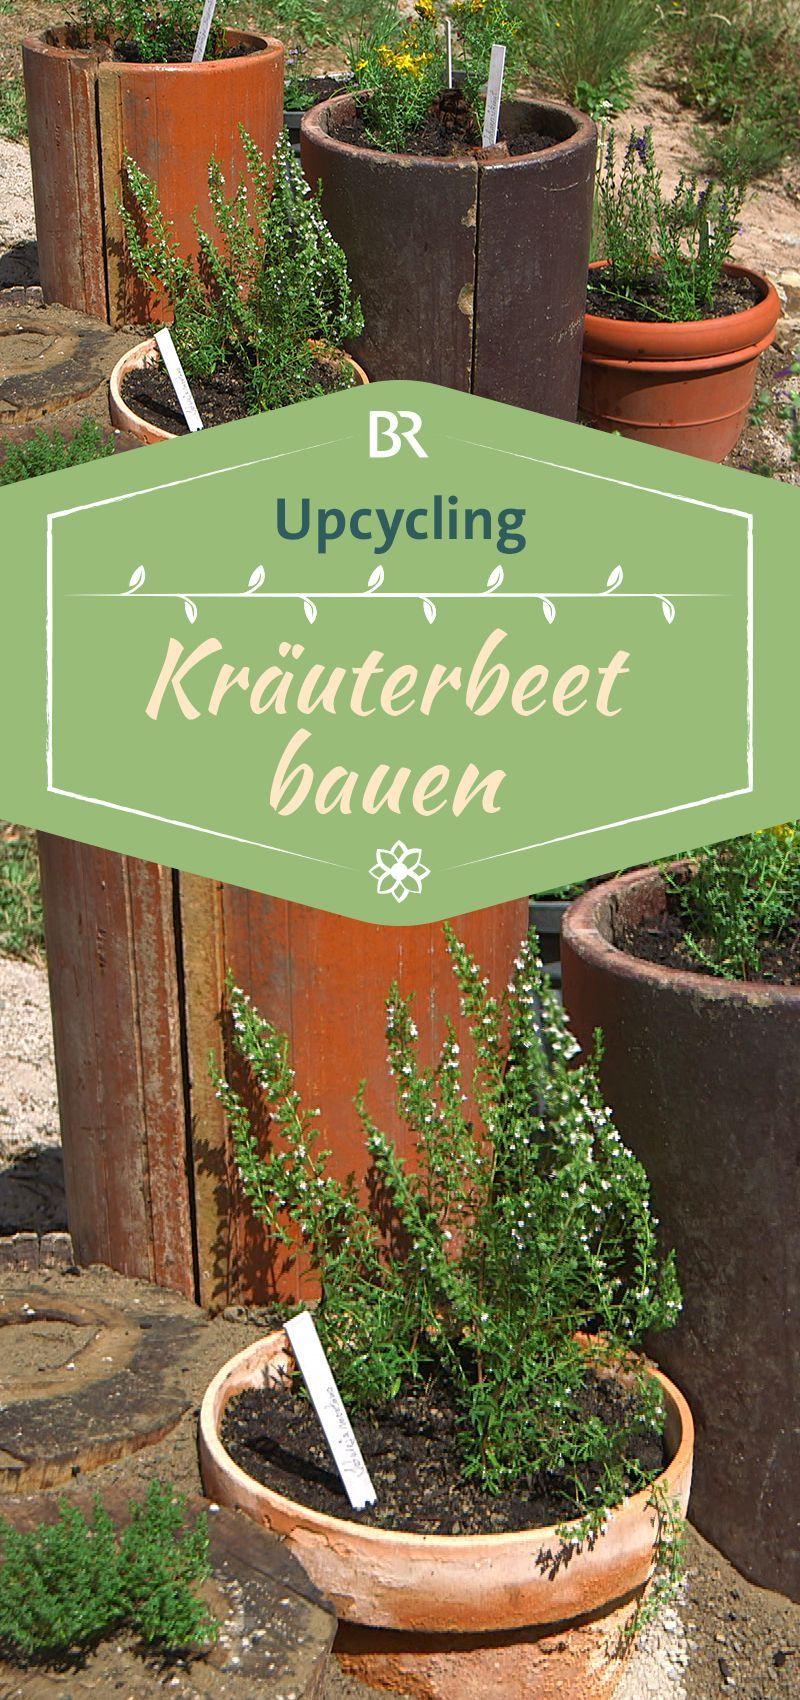 upcycling: kräuterbeet bauen | rund um garten und pflanzen